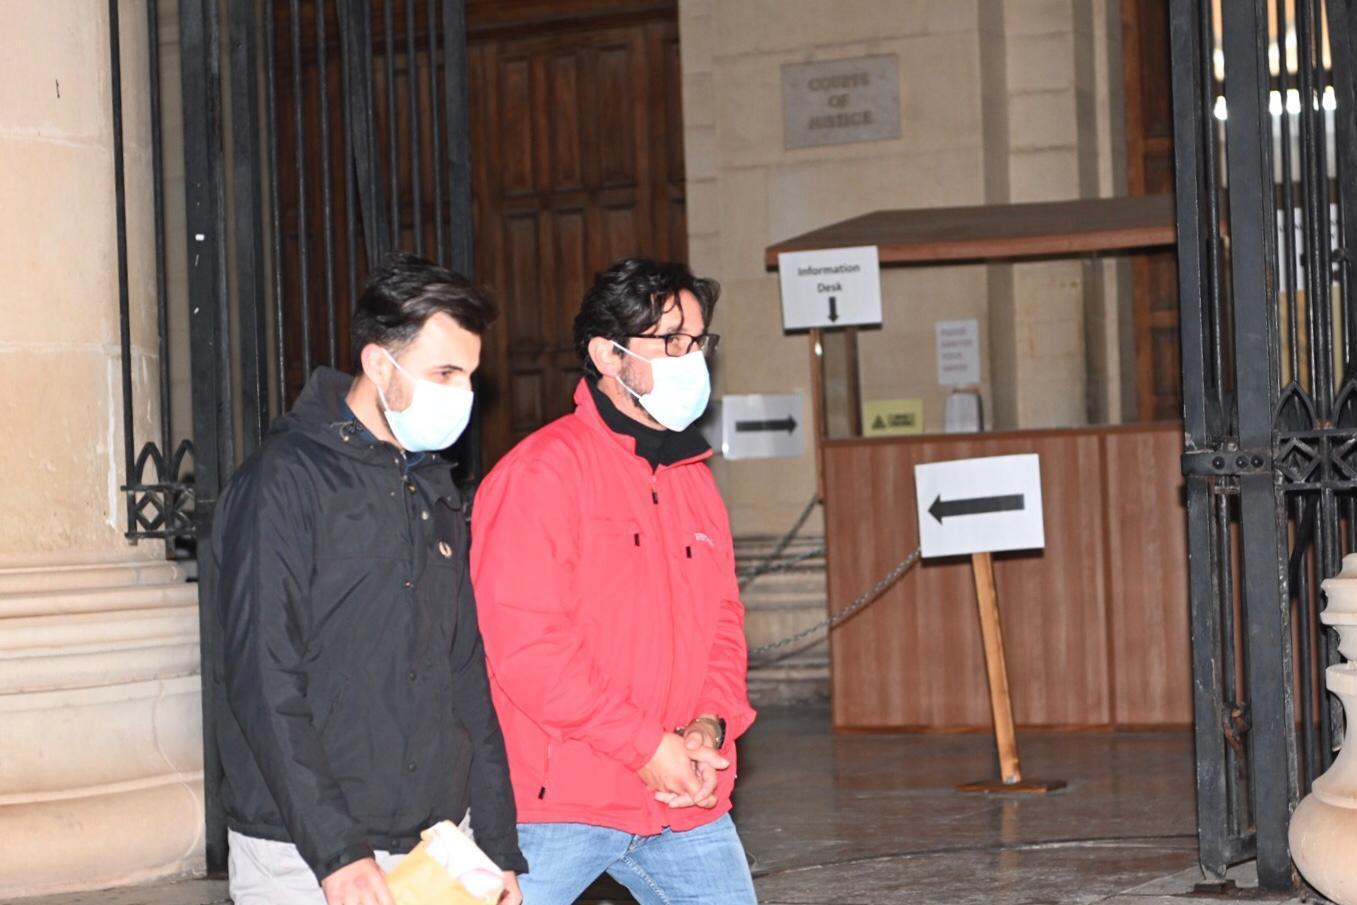 Gordon Debono, right, leaves court after his arraignment. Photo: Mark Zammit Cordina